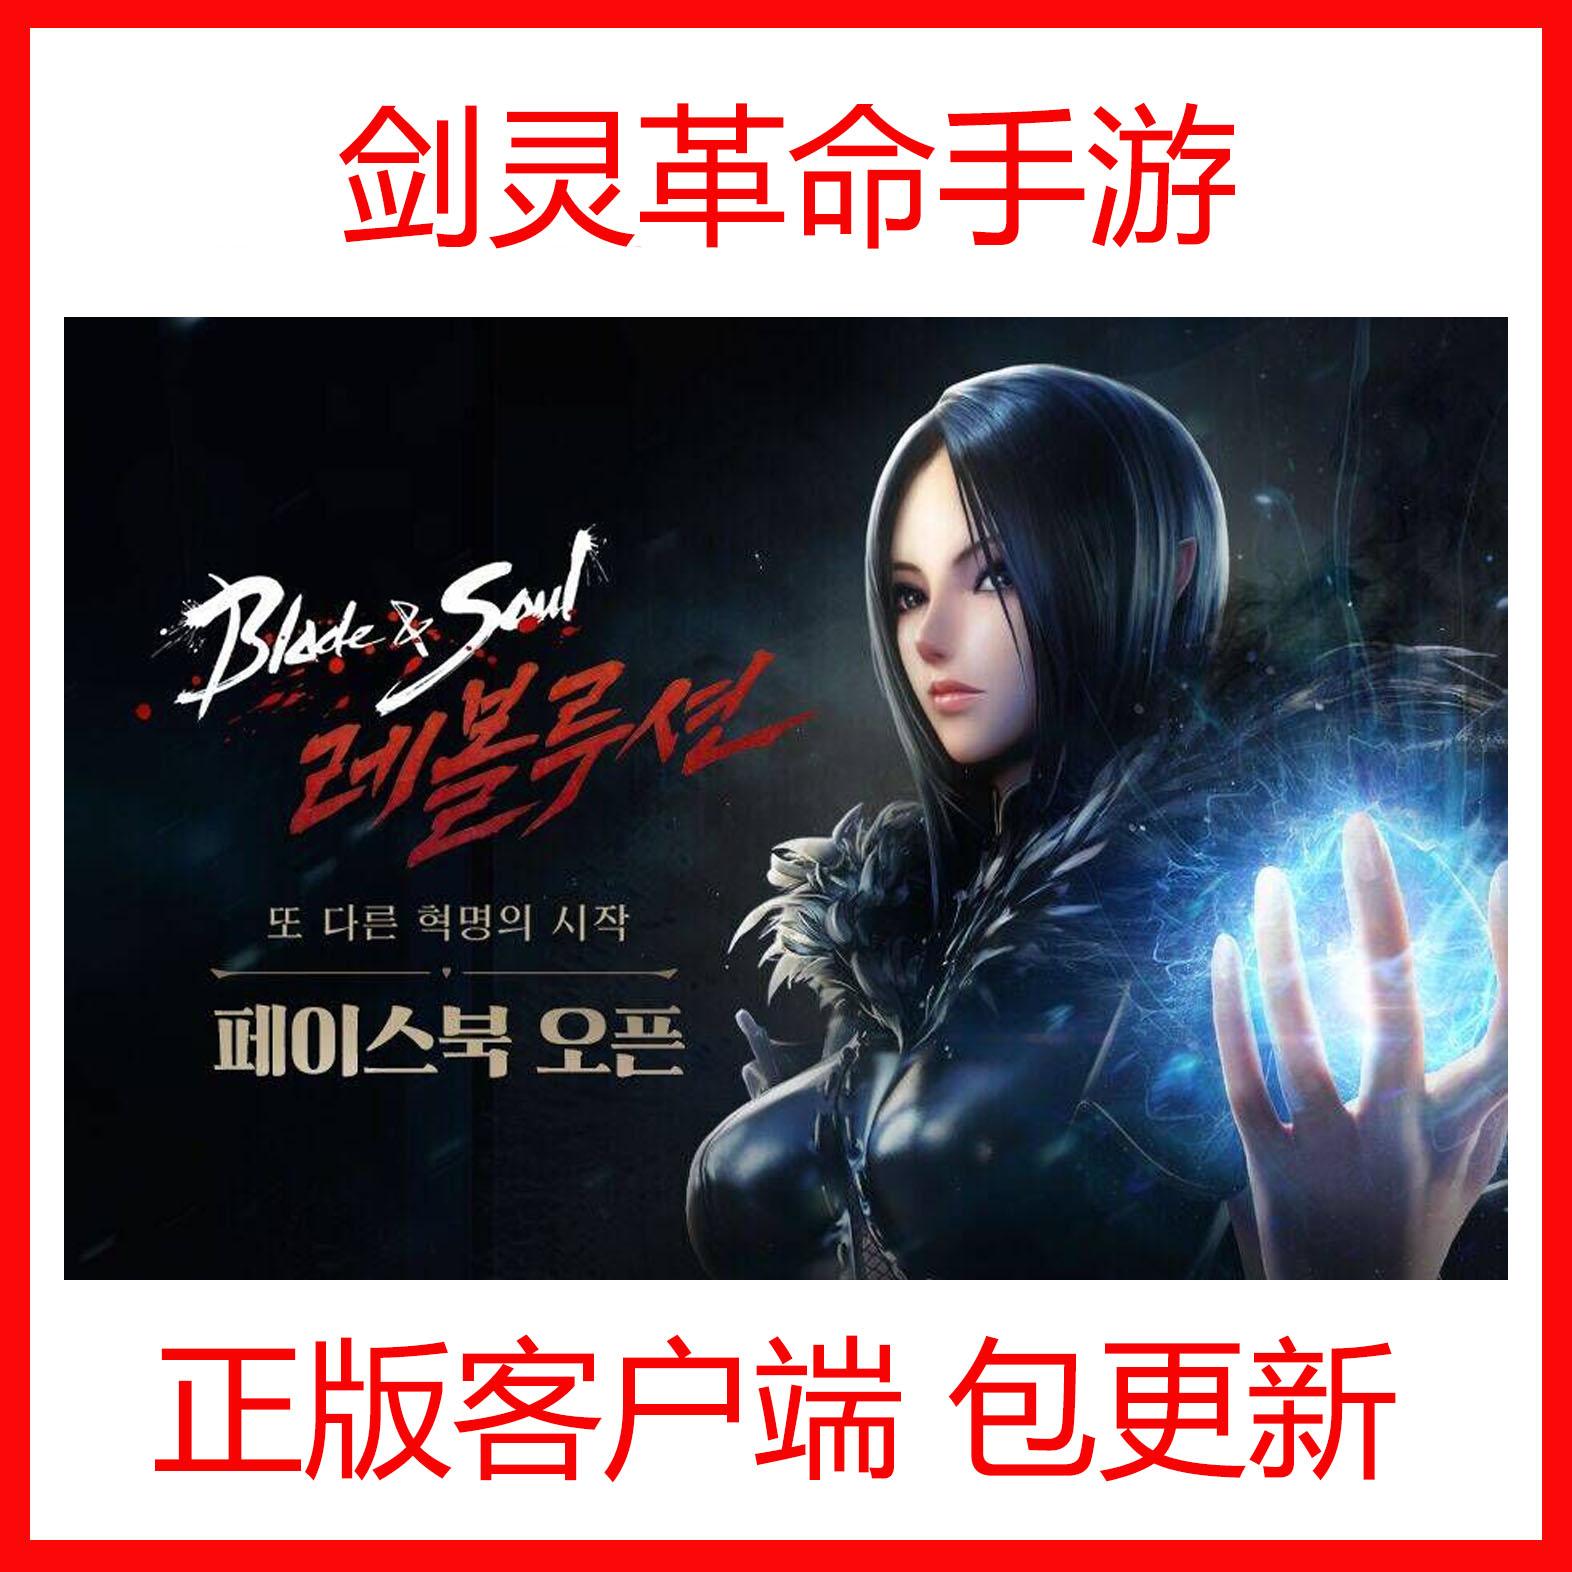 剑灵革命M 手游 包更新 韩服 韩文 正版客户端 下载安装 送加速器